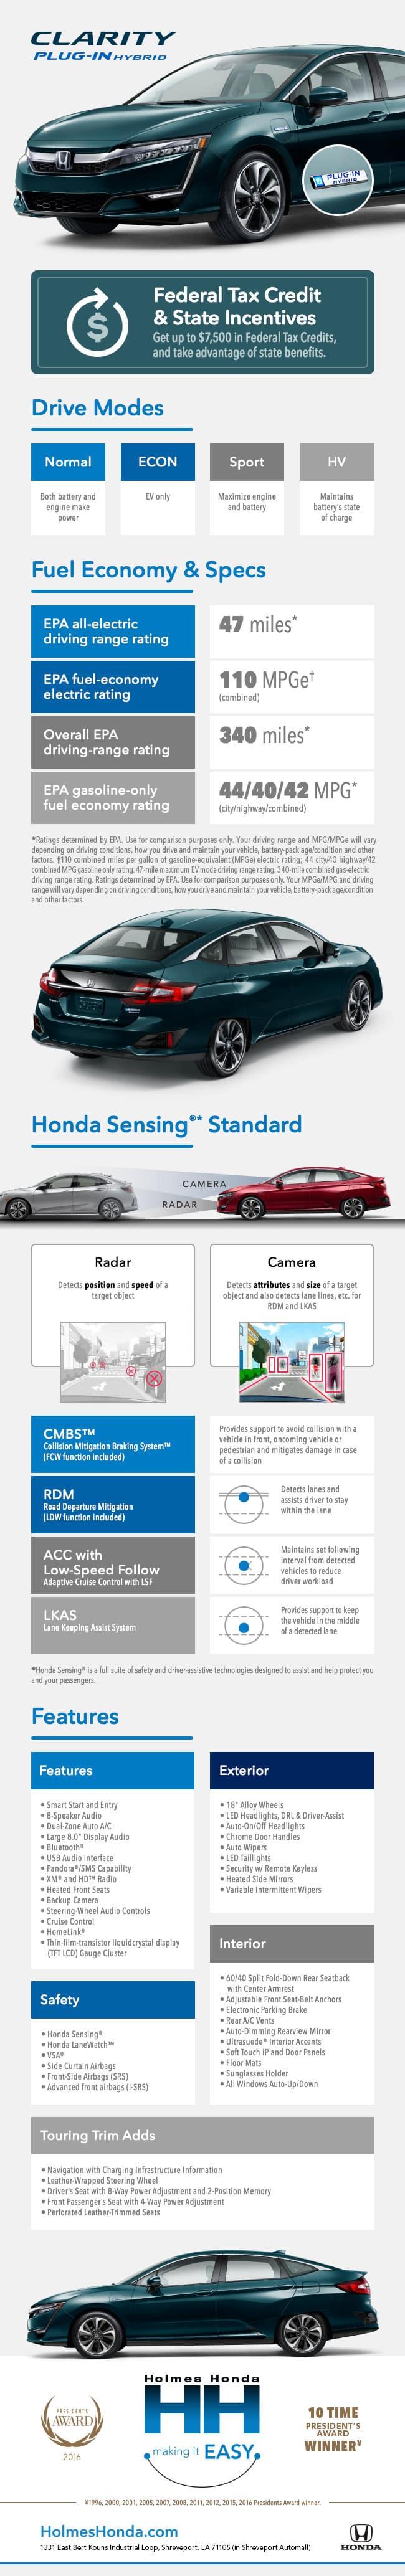 Holmes Honda, Honda Clarity, 2018 Honda Clarity, Honda Clarity Shreveport